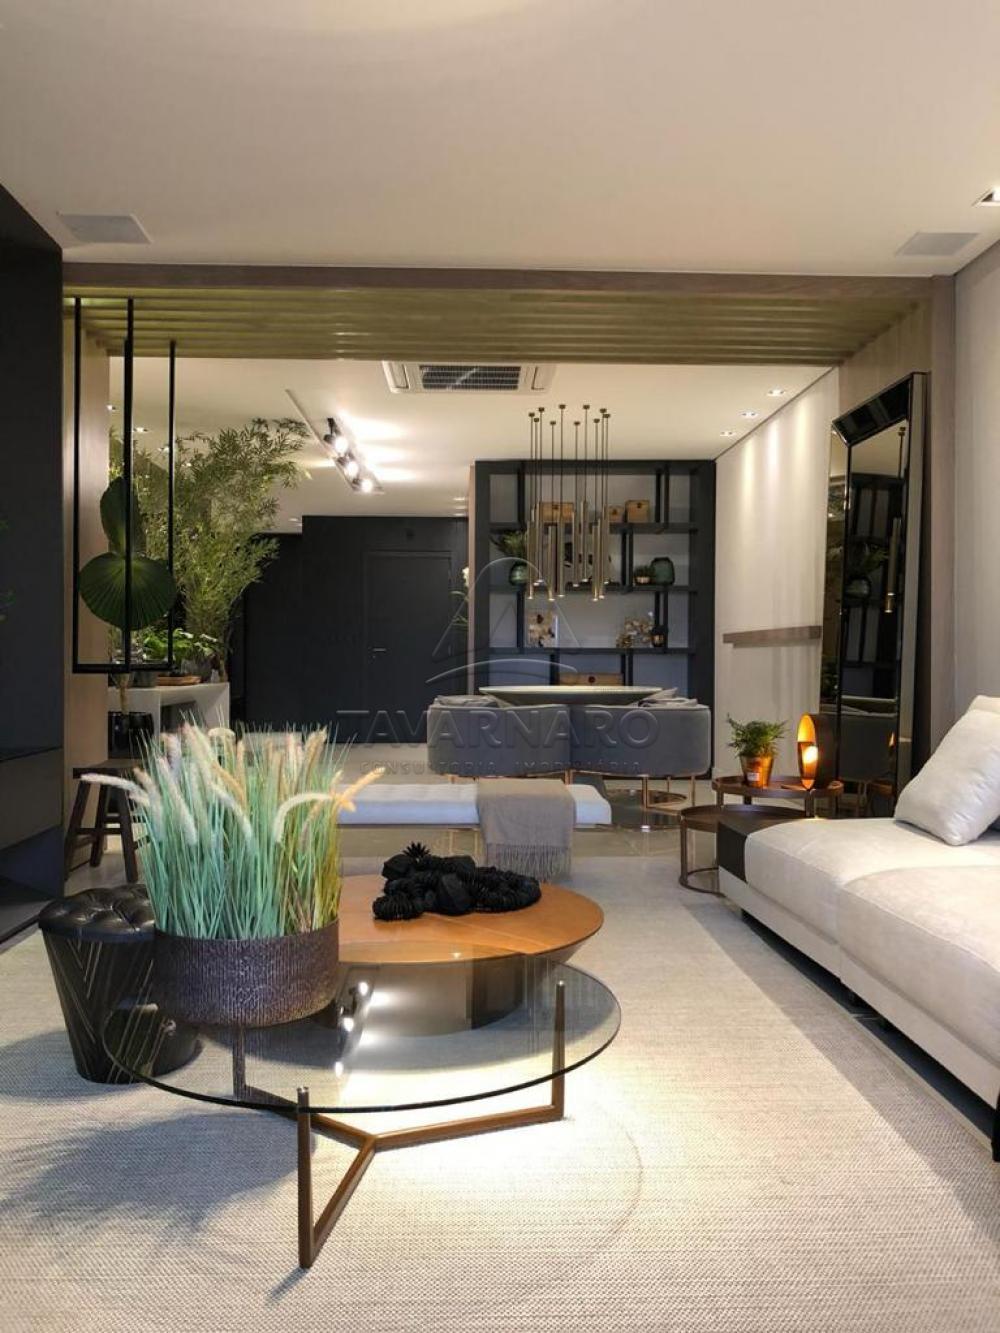 Comprar Apartamento / Padrão em Ponta Grossa R$ 1.500.000,00 - Foto 3